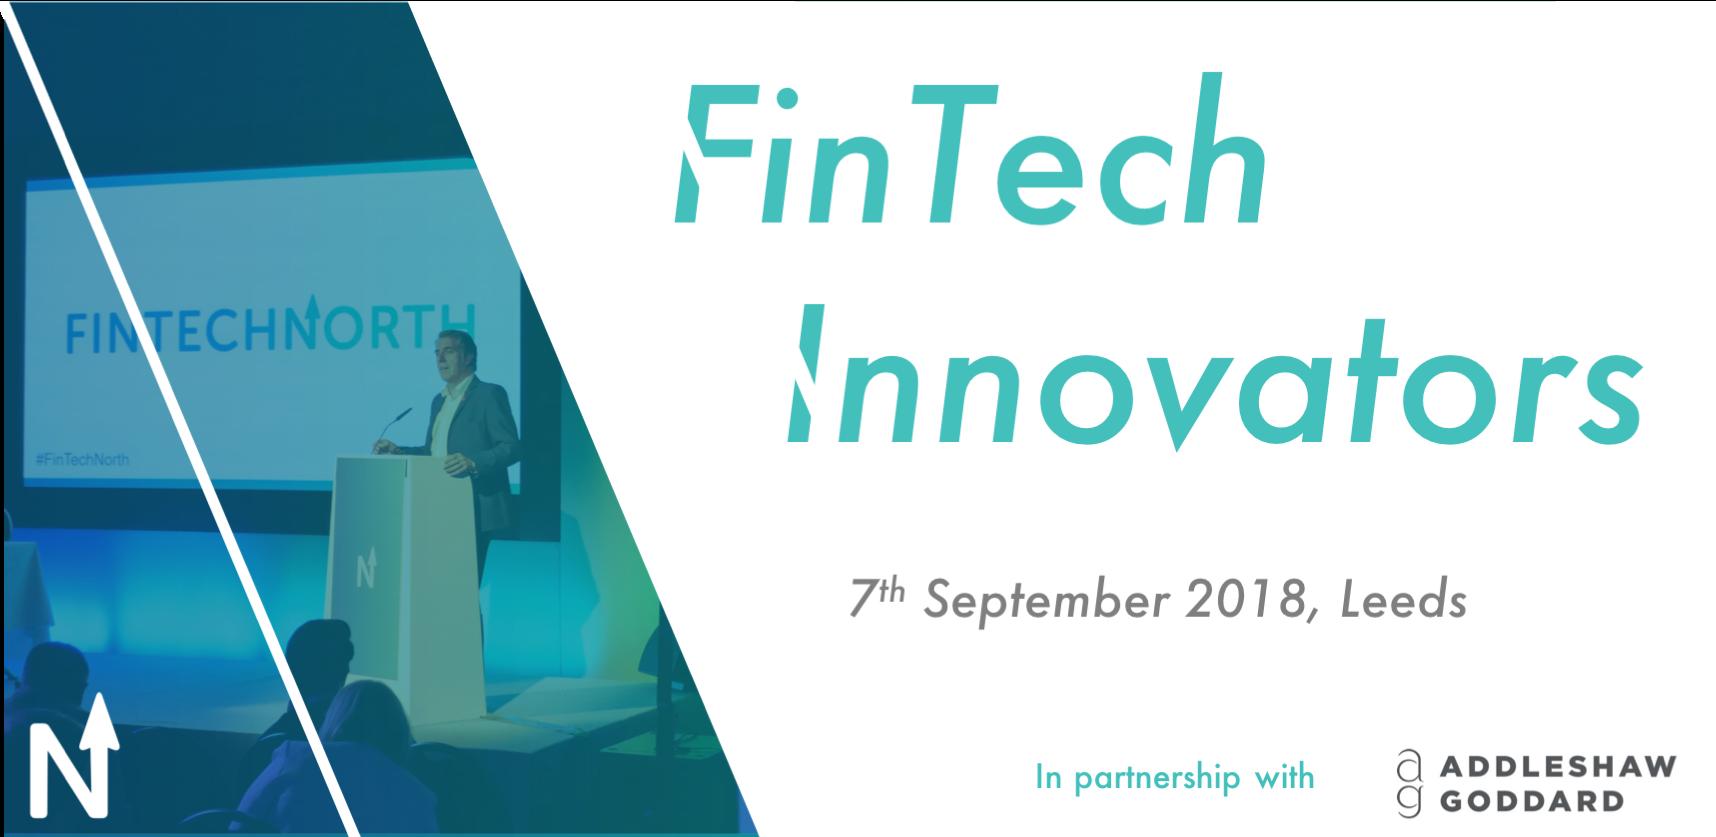 FinTech North September Forum, Leeds: FinTech Innovators